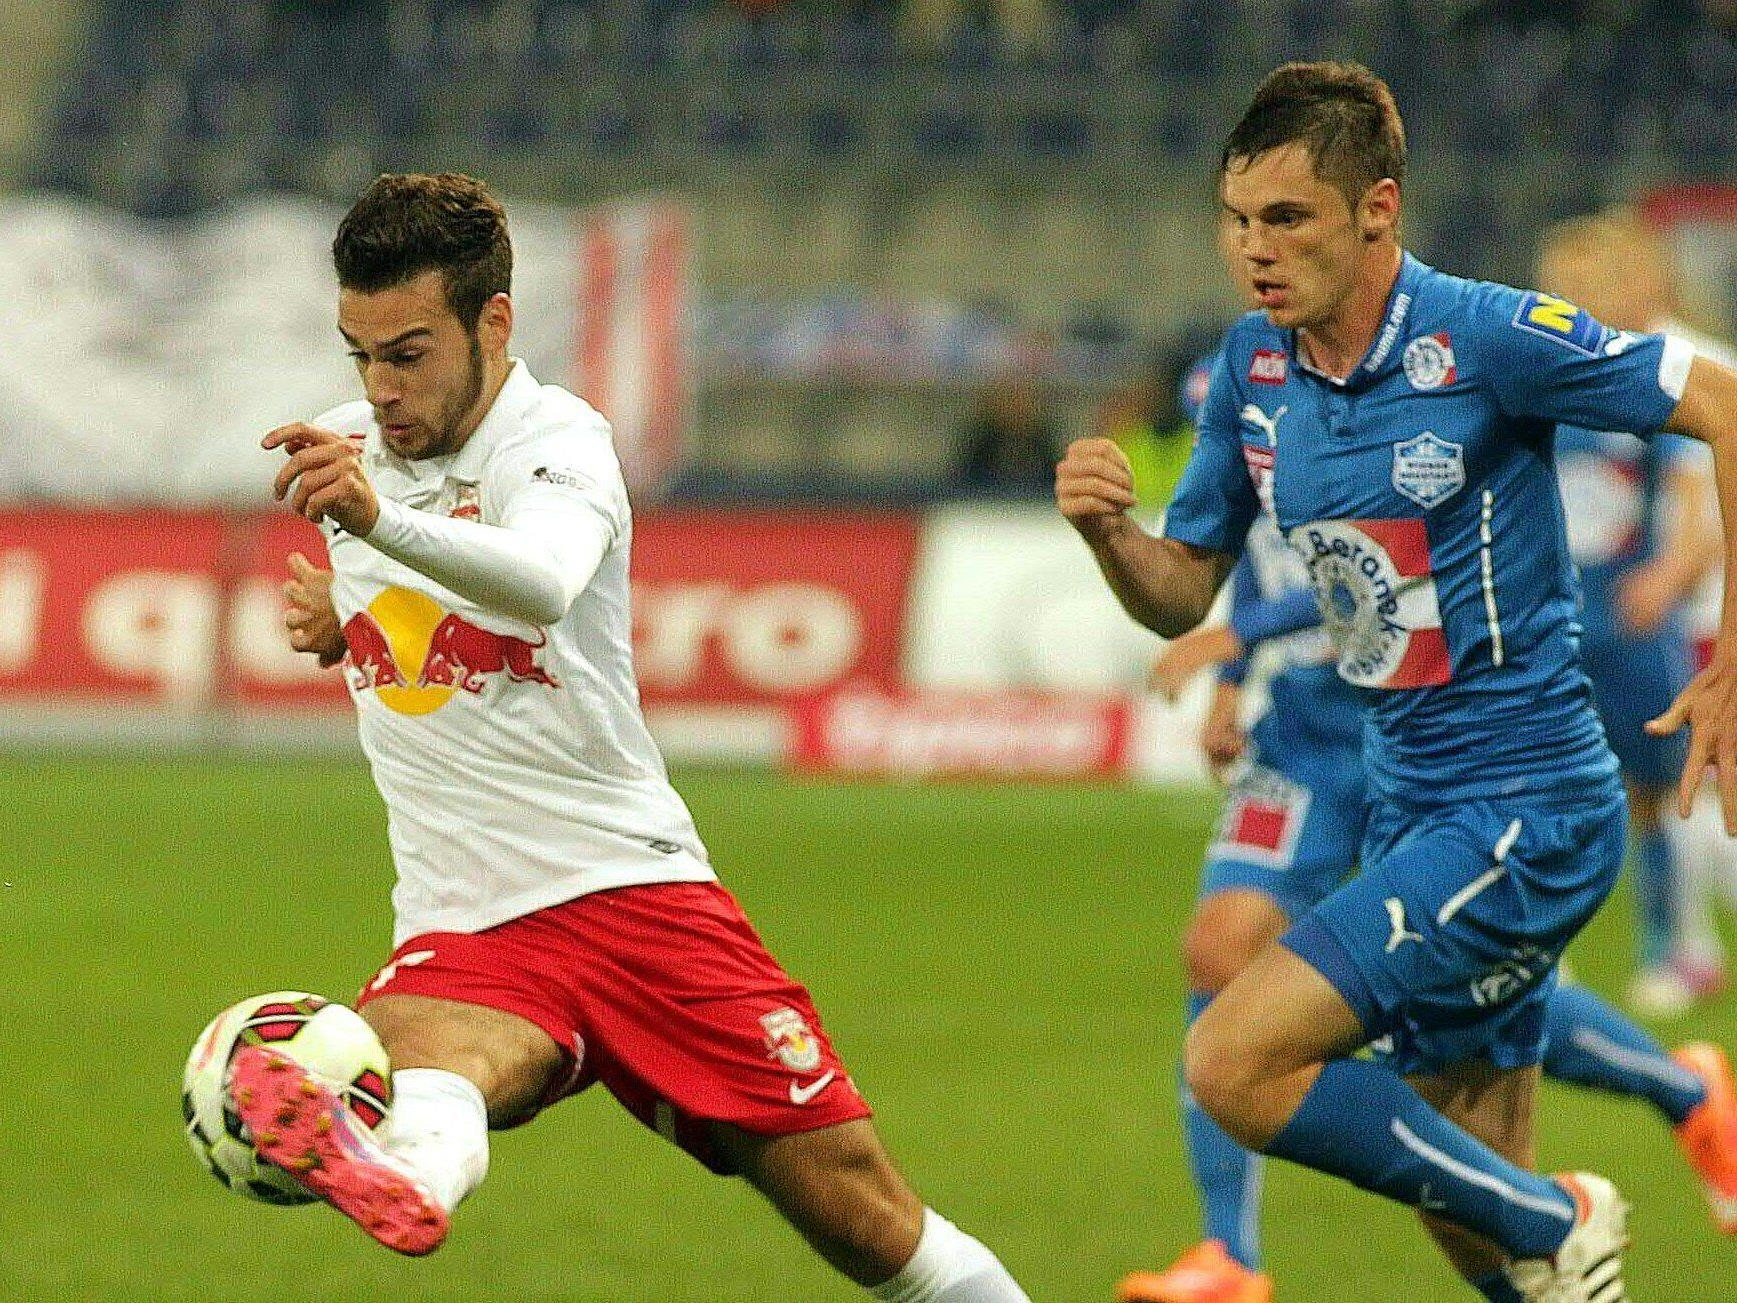 LIVE-Ticker zum Spiel SC Wiener Neustadt gegen Red Bull Salzburg ab 18.30 Uhr.